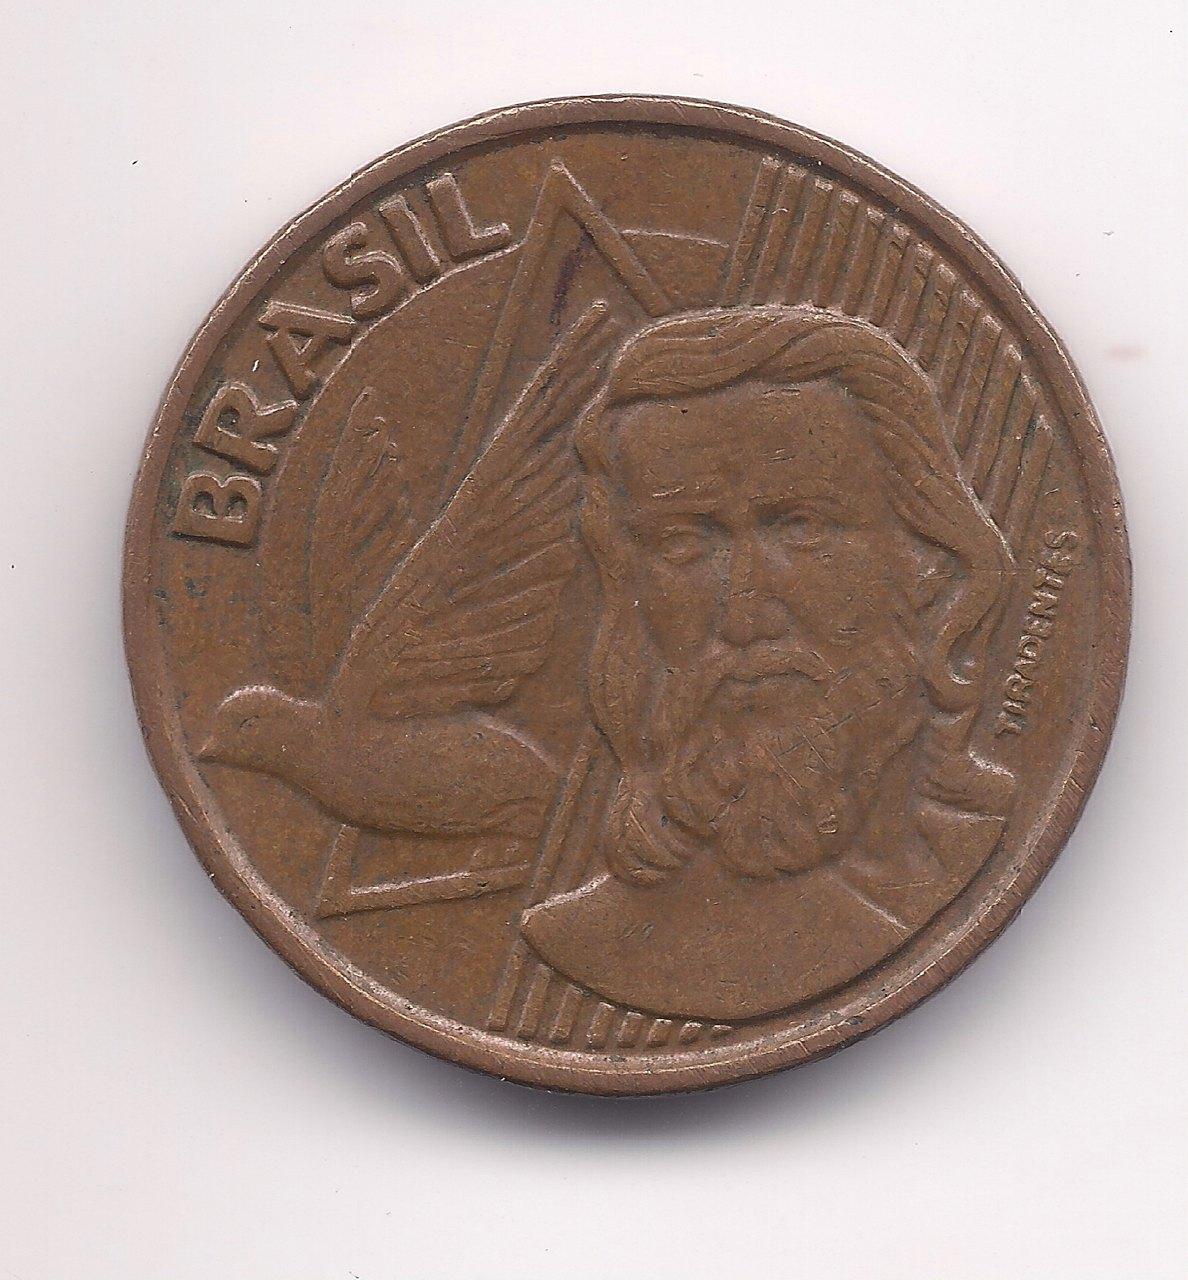 V466 - 5 Centavos de 2000